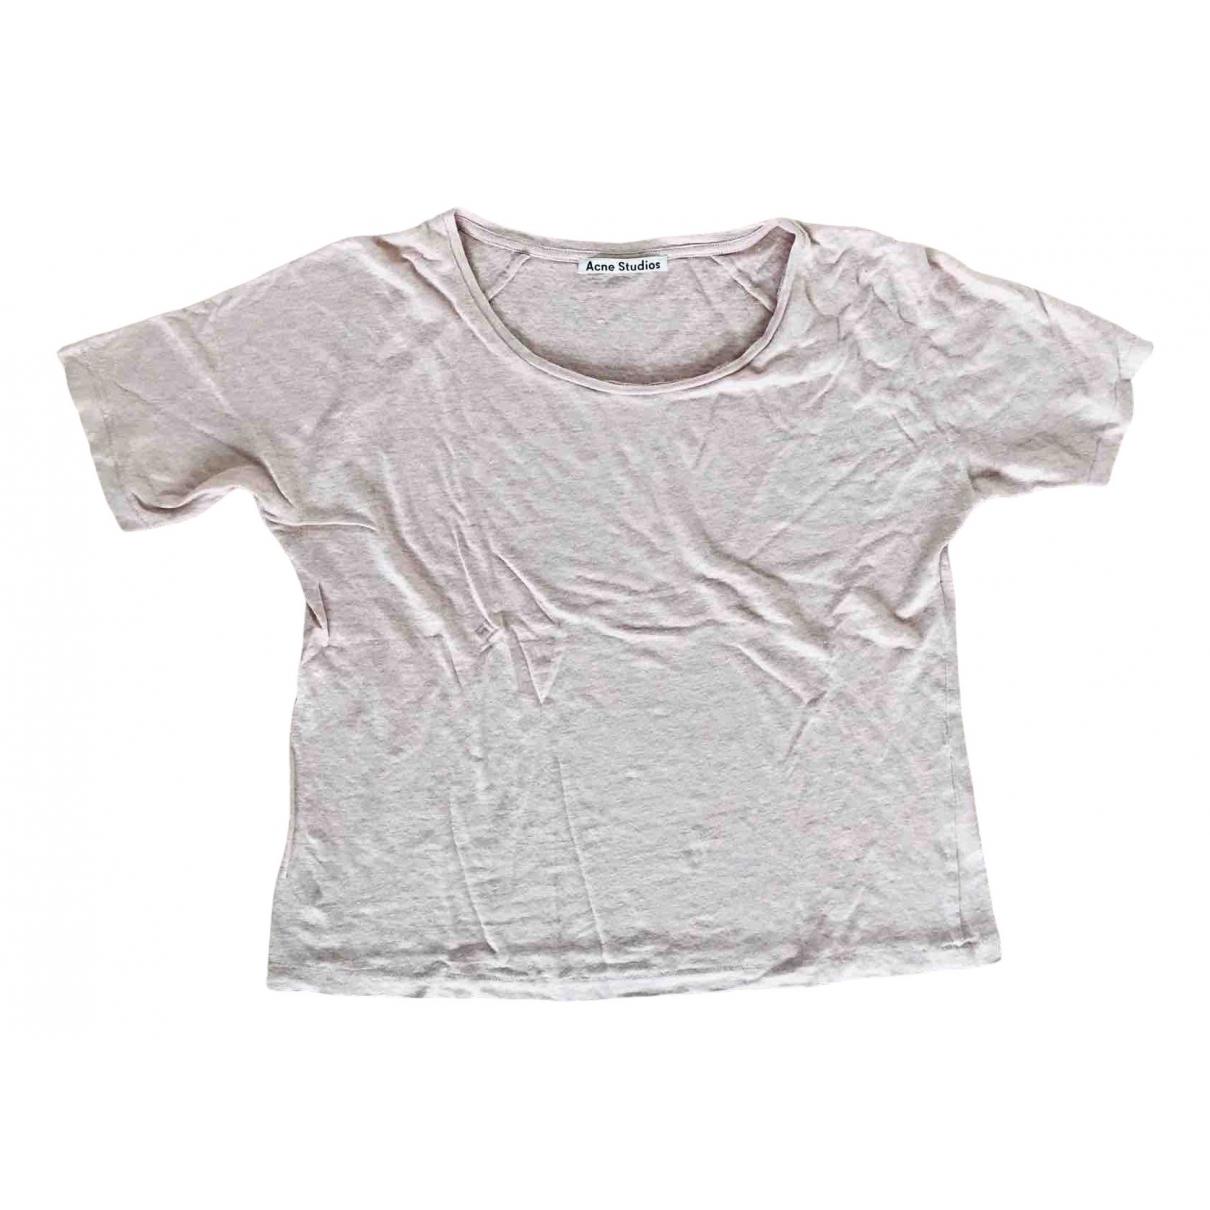 Acne Studios - Top   pour femme en lin - rose